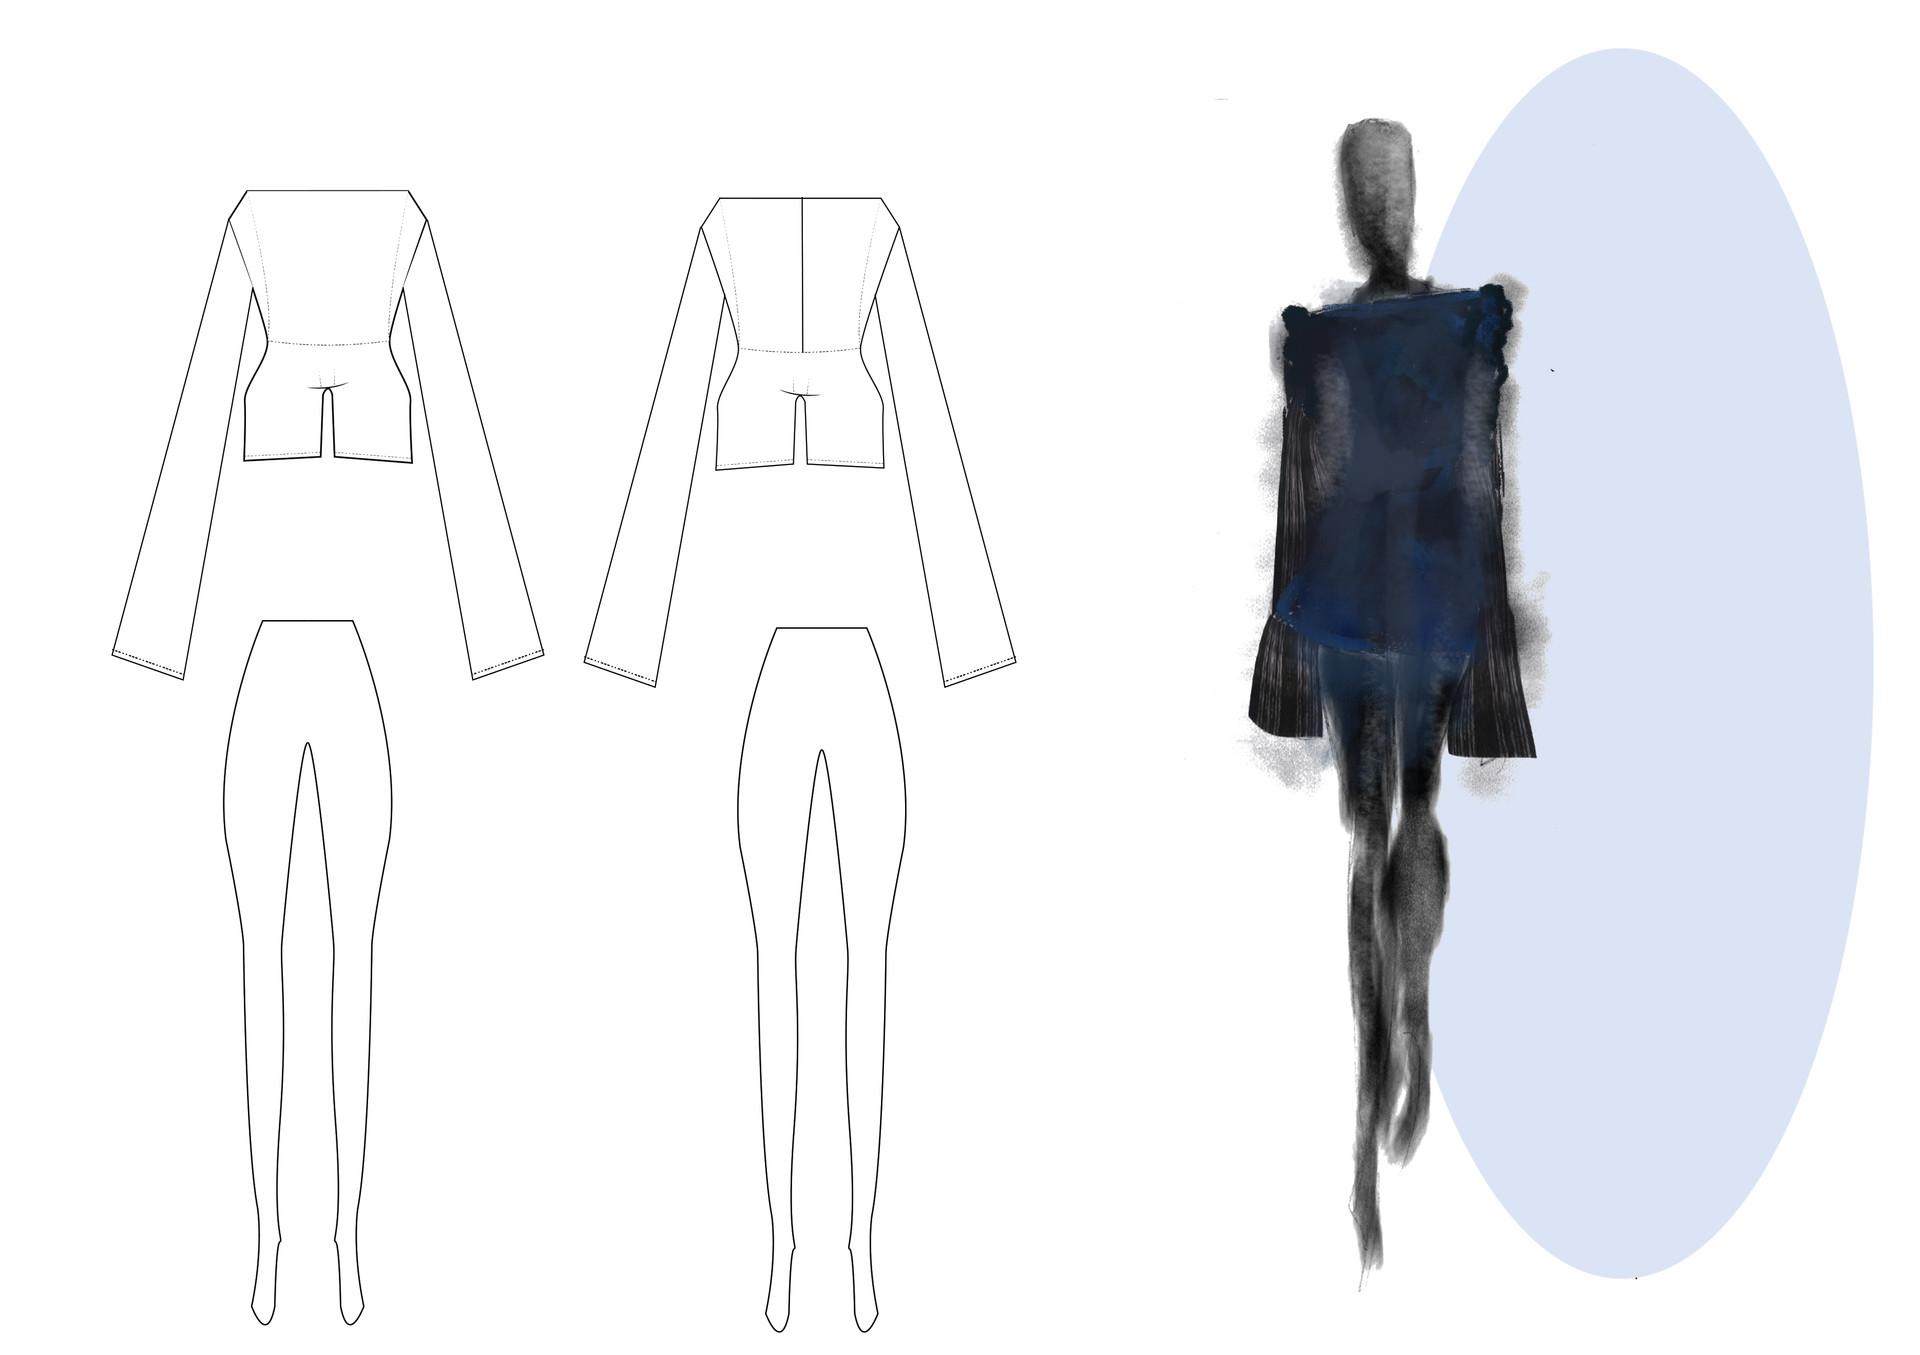 cut sew presentation portfolio 5.jpg